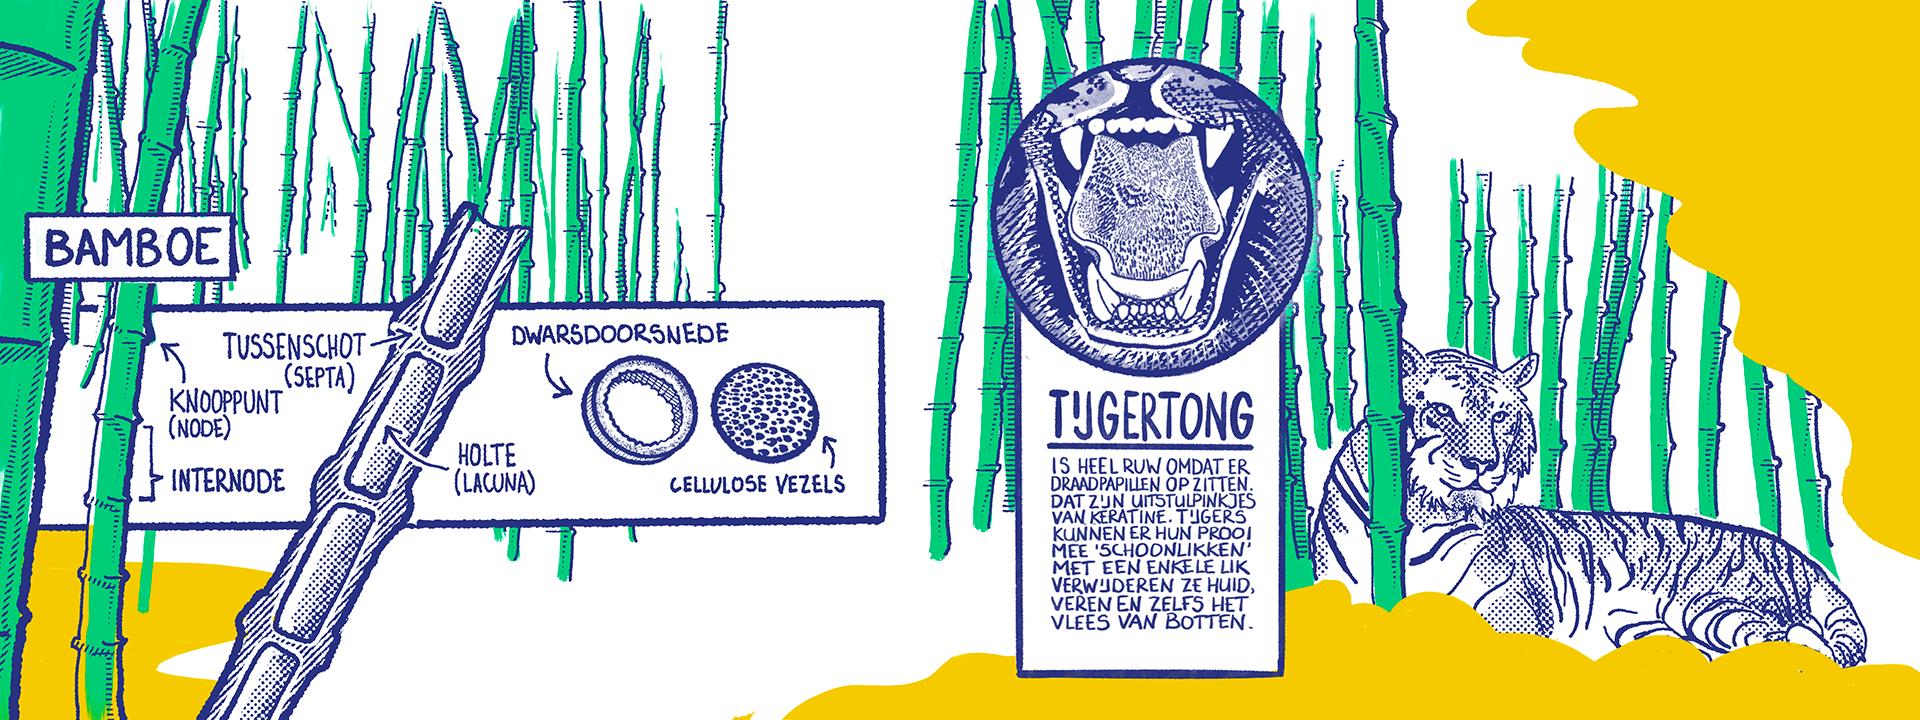 """Je ziet een getekend bamboebos in groen met blauw. Links op de voorgrond zie je een dwarsdoorsnede ven een lengtedoorsnede van bamboe. De lengtedoorsnede toont de holte (lacuna), het tussenschot (de septa), het knooppunt (de node) en de internode. De Dwarsdoorsnede laat de holte en de cellulose vezels zien. Aan de rechterkant van de illustratie ligt een tijger tussen de bamboe. Er is een close-up te zien van een tijgertong met de volgende uitleg: 'Tijgertong is heel ruw omdat er draadpapillen op zitten. Dat zijn uitstulpinkjes van keratine. Tijgers kunnen er hun prooi mee """"schoonlikken"""". Met een enkele lik verwijderen ze huid, veren en zelfs het vlees van botten.'"""